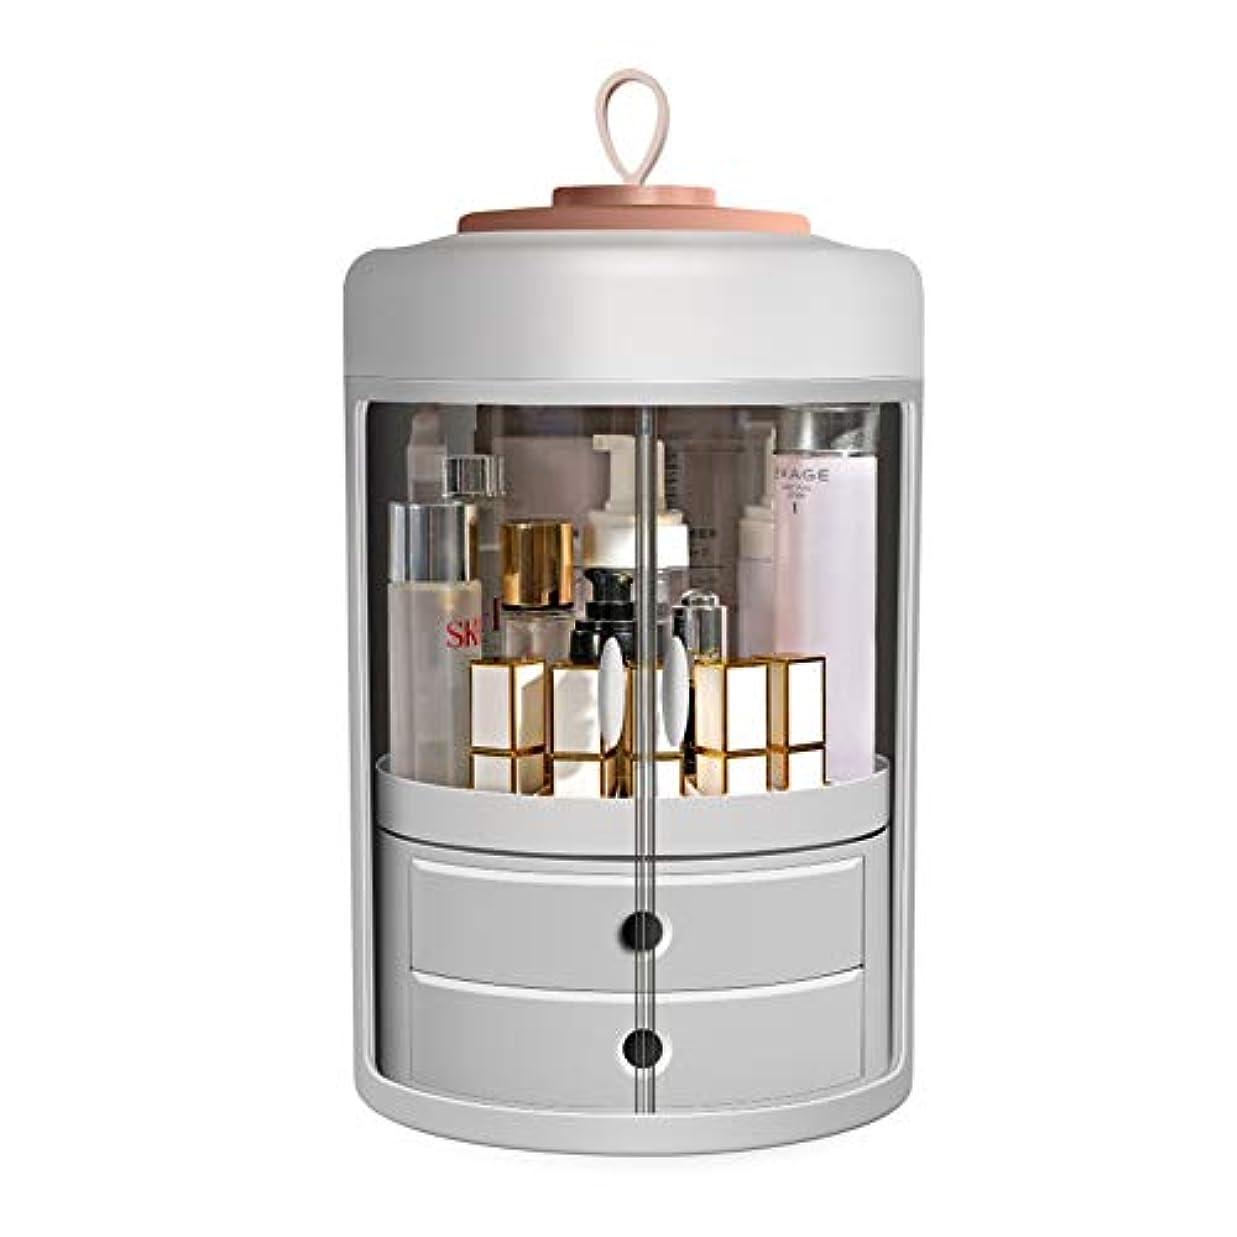 中性フェミニンチャット化粧品収納 コスメ収納ボックス メイクケース 360度回転 防塵 防水 取っ手付き 旅行用 化粧ケース付き 二つ引き出し 透明